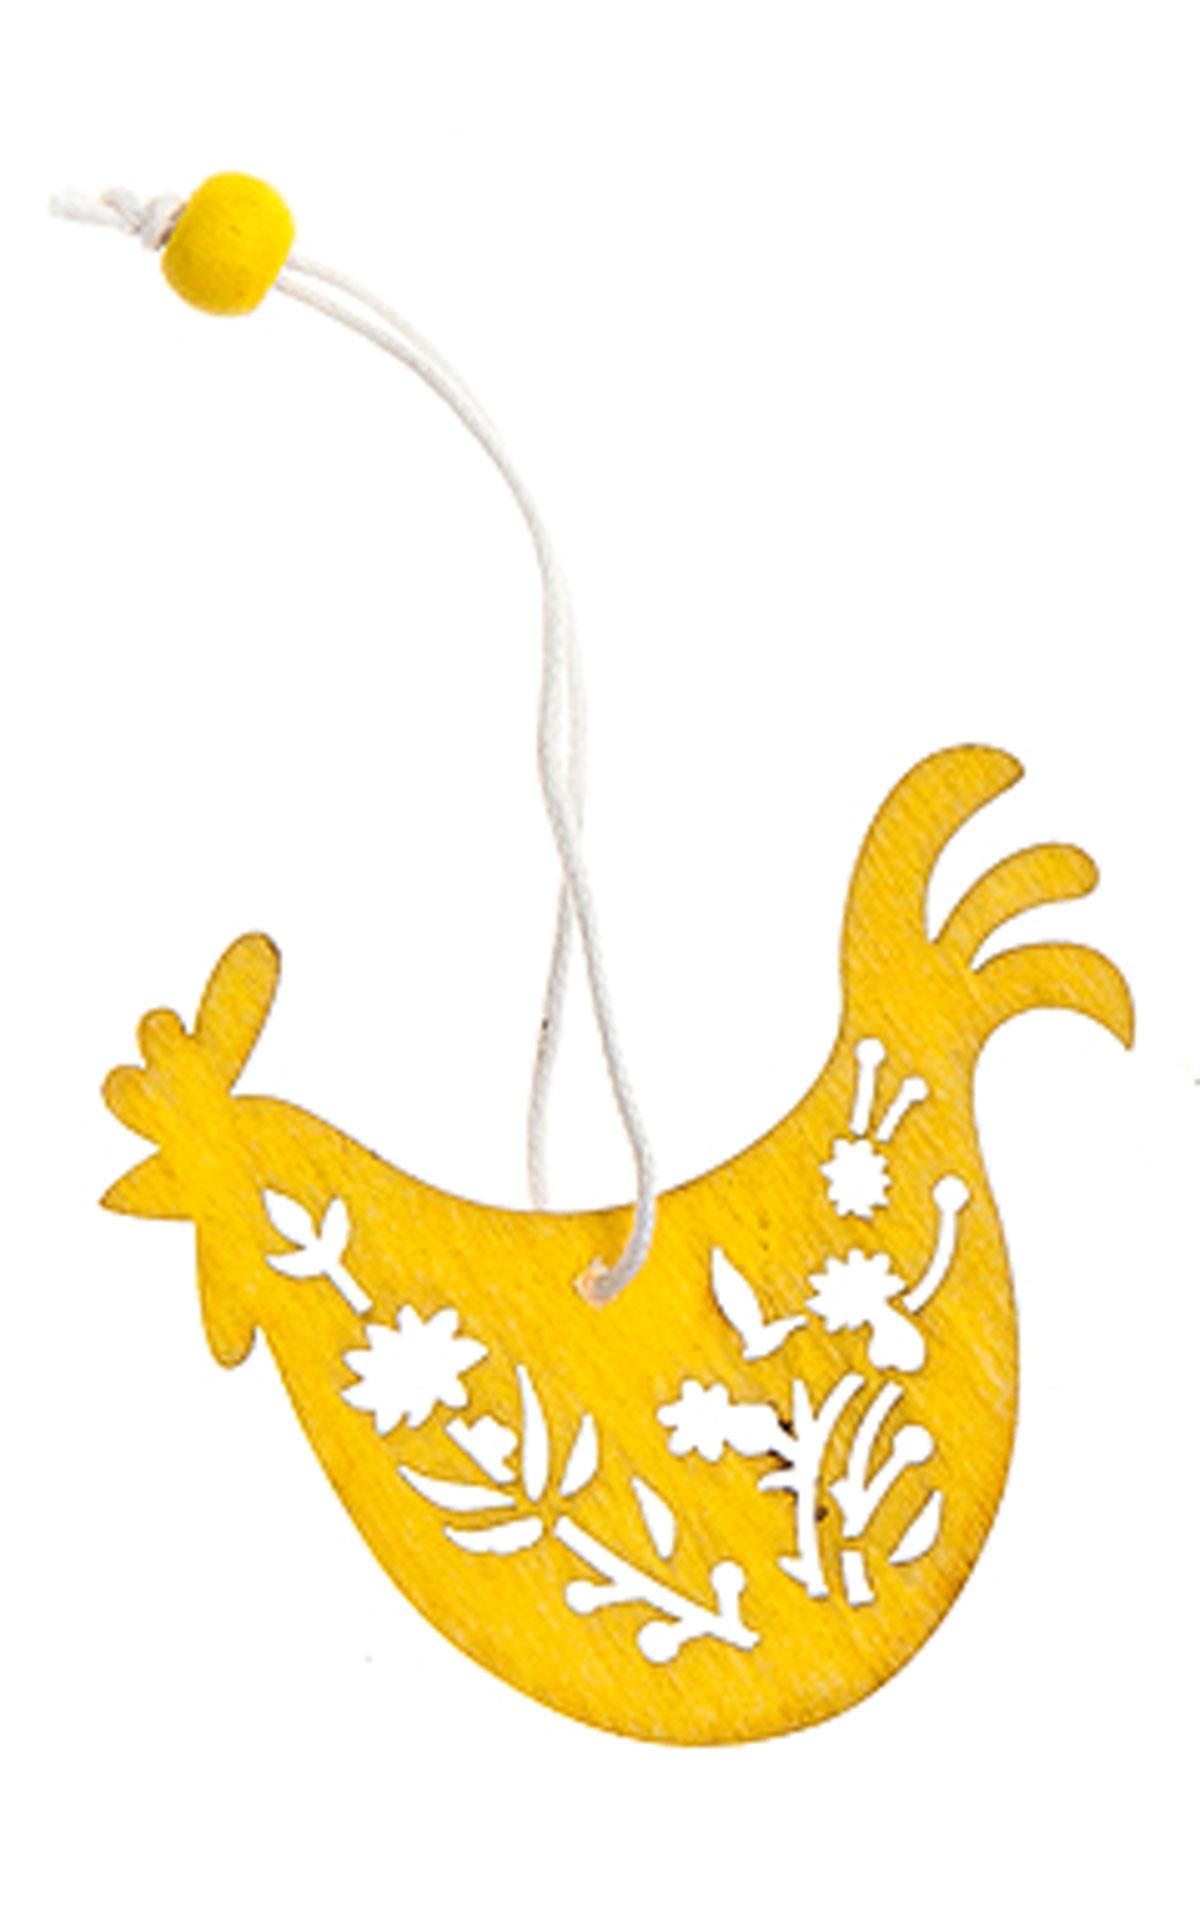 Декоративное подвесное украшение Home Queen Узорный орнамент, цвет: желтый66811_2Подвесное украшение Home Queen Узорный орнамент, выполненное в виде курицы, изготовлено из дерева и декорировано рельефным цветочным рисунком. Изделие оснащено петелькой для подвешивания. Такое украшение прекрасно оформит интерьер дома или станет замечательным подарком для друзей и близких на Пасху. Размер: 4,5 см х 6 см х 0,2 см.